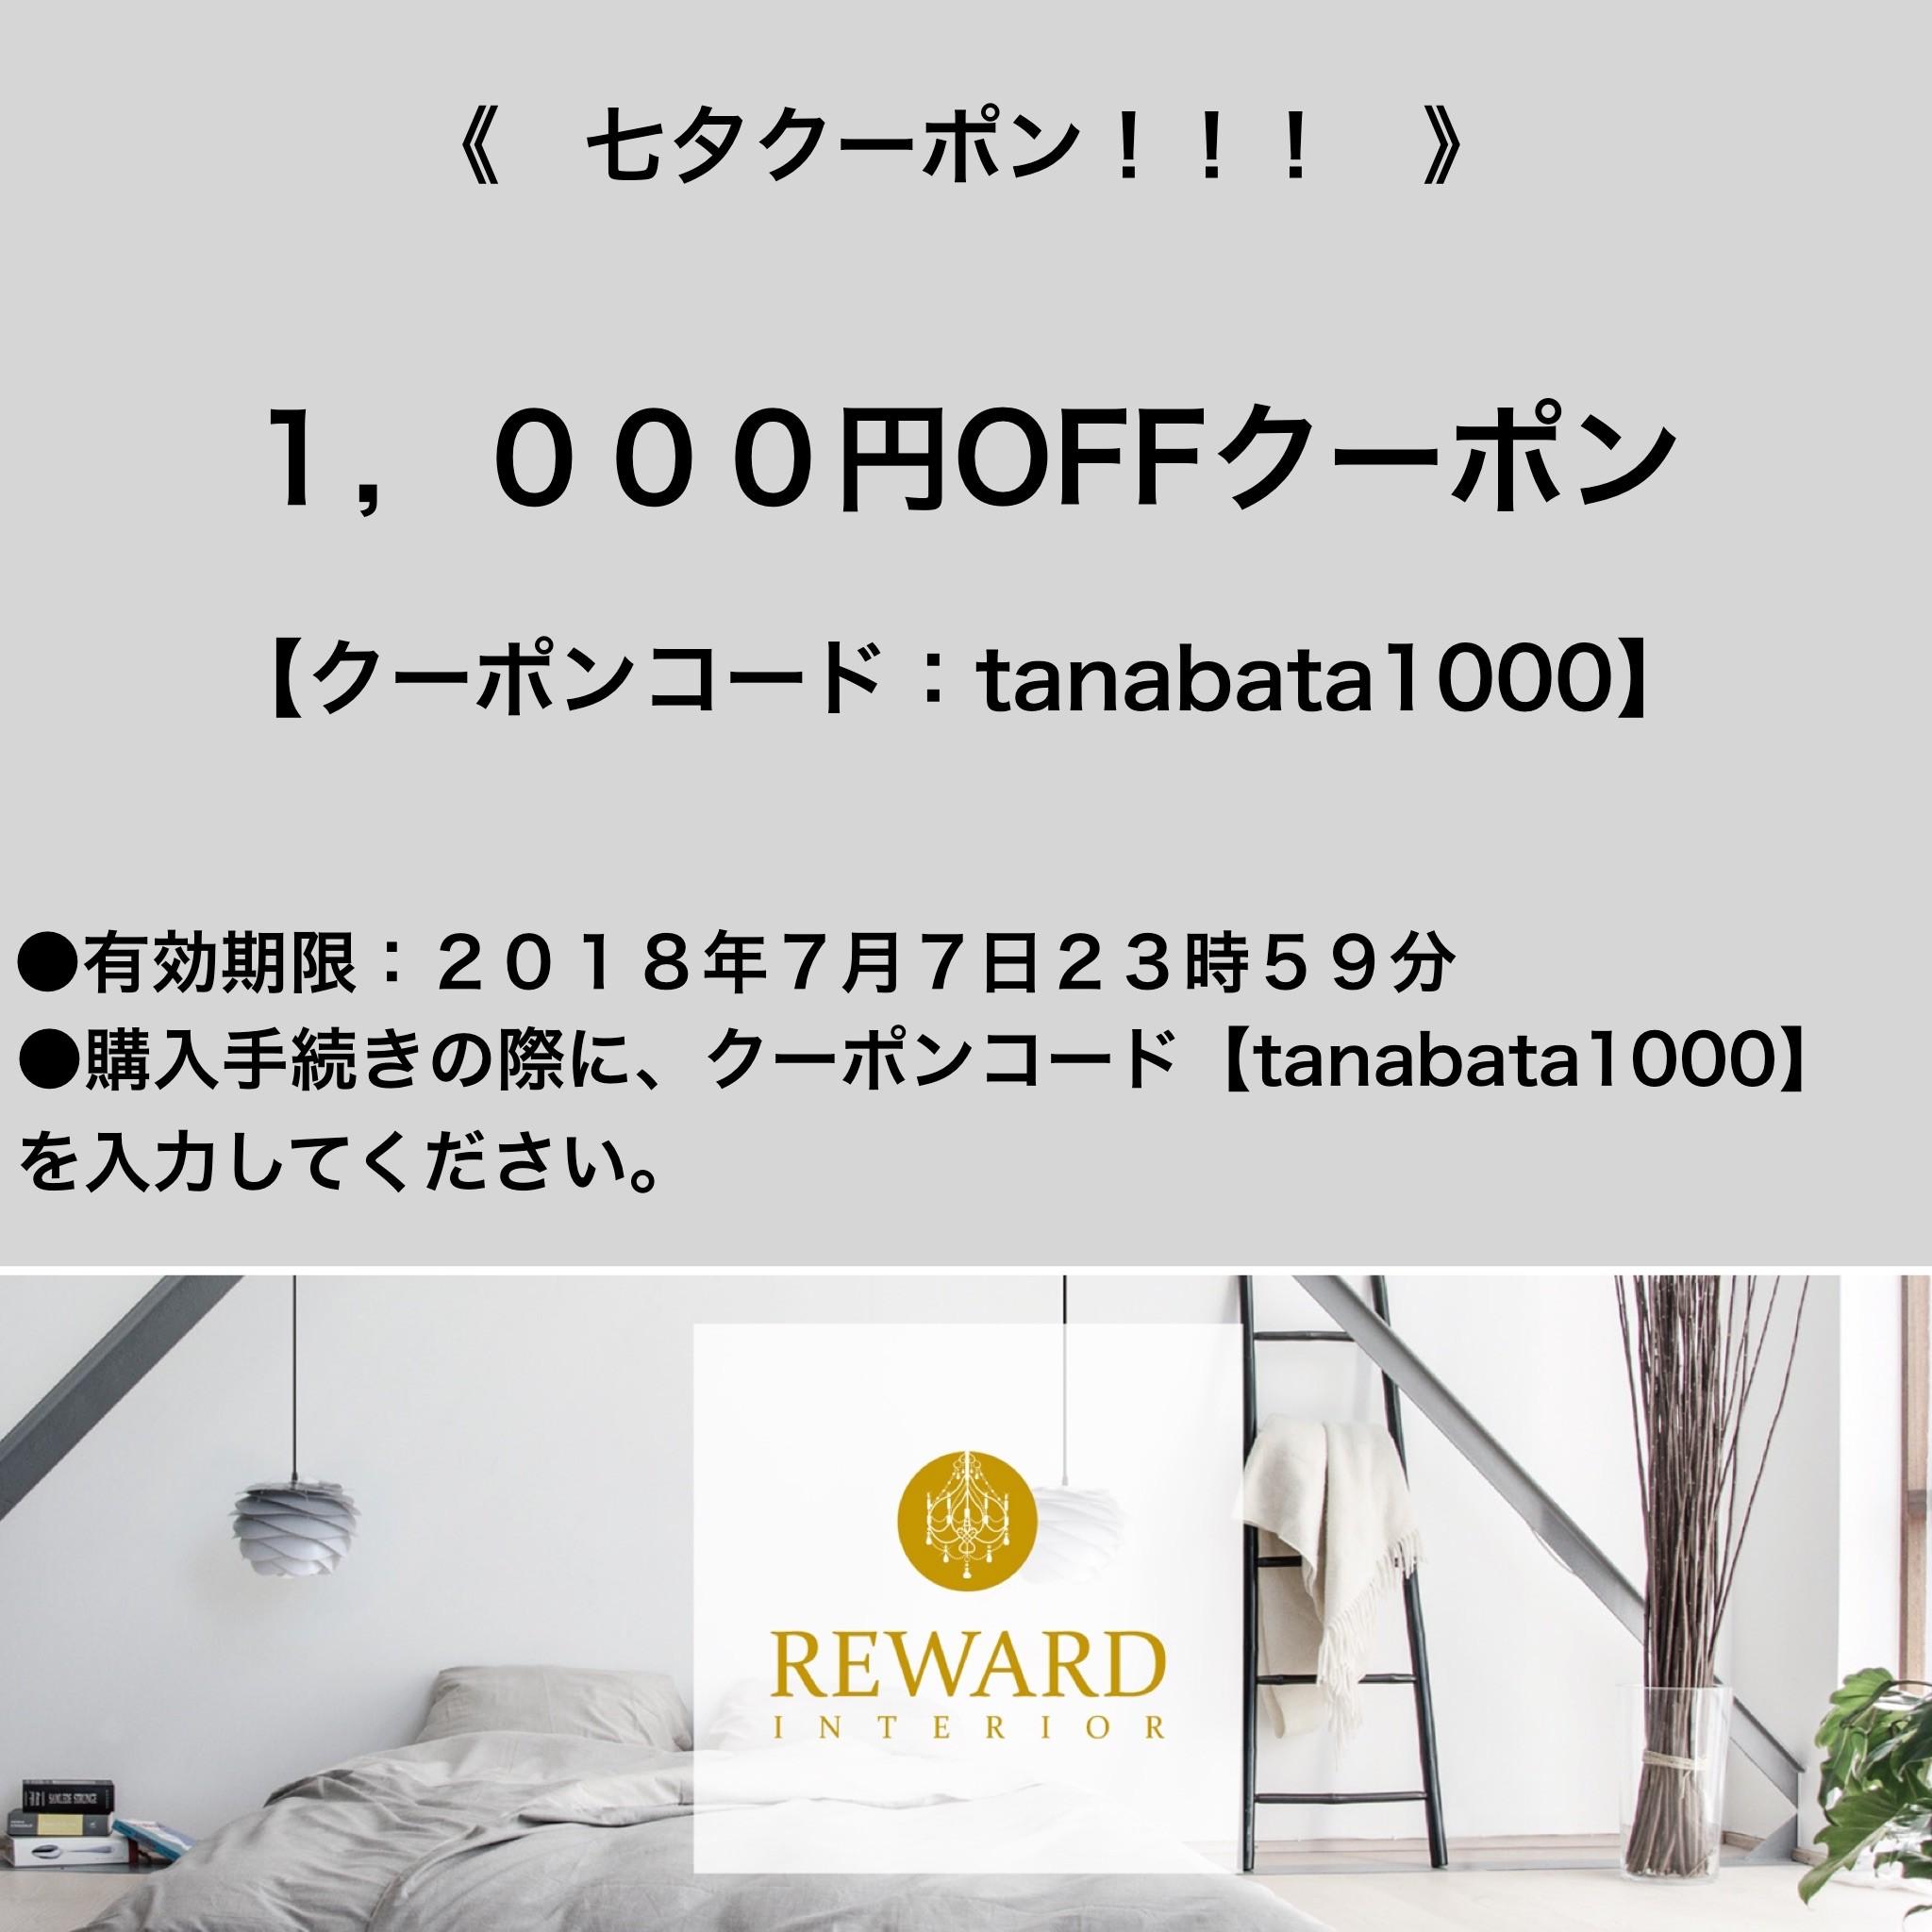 七夕まで使える☆お得な1,000円OFFクーポン!!!